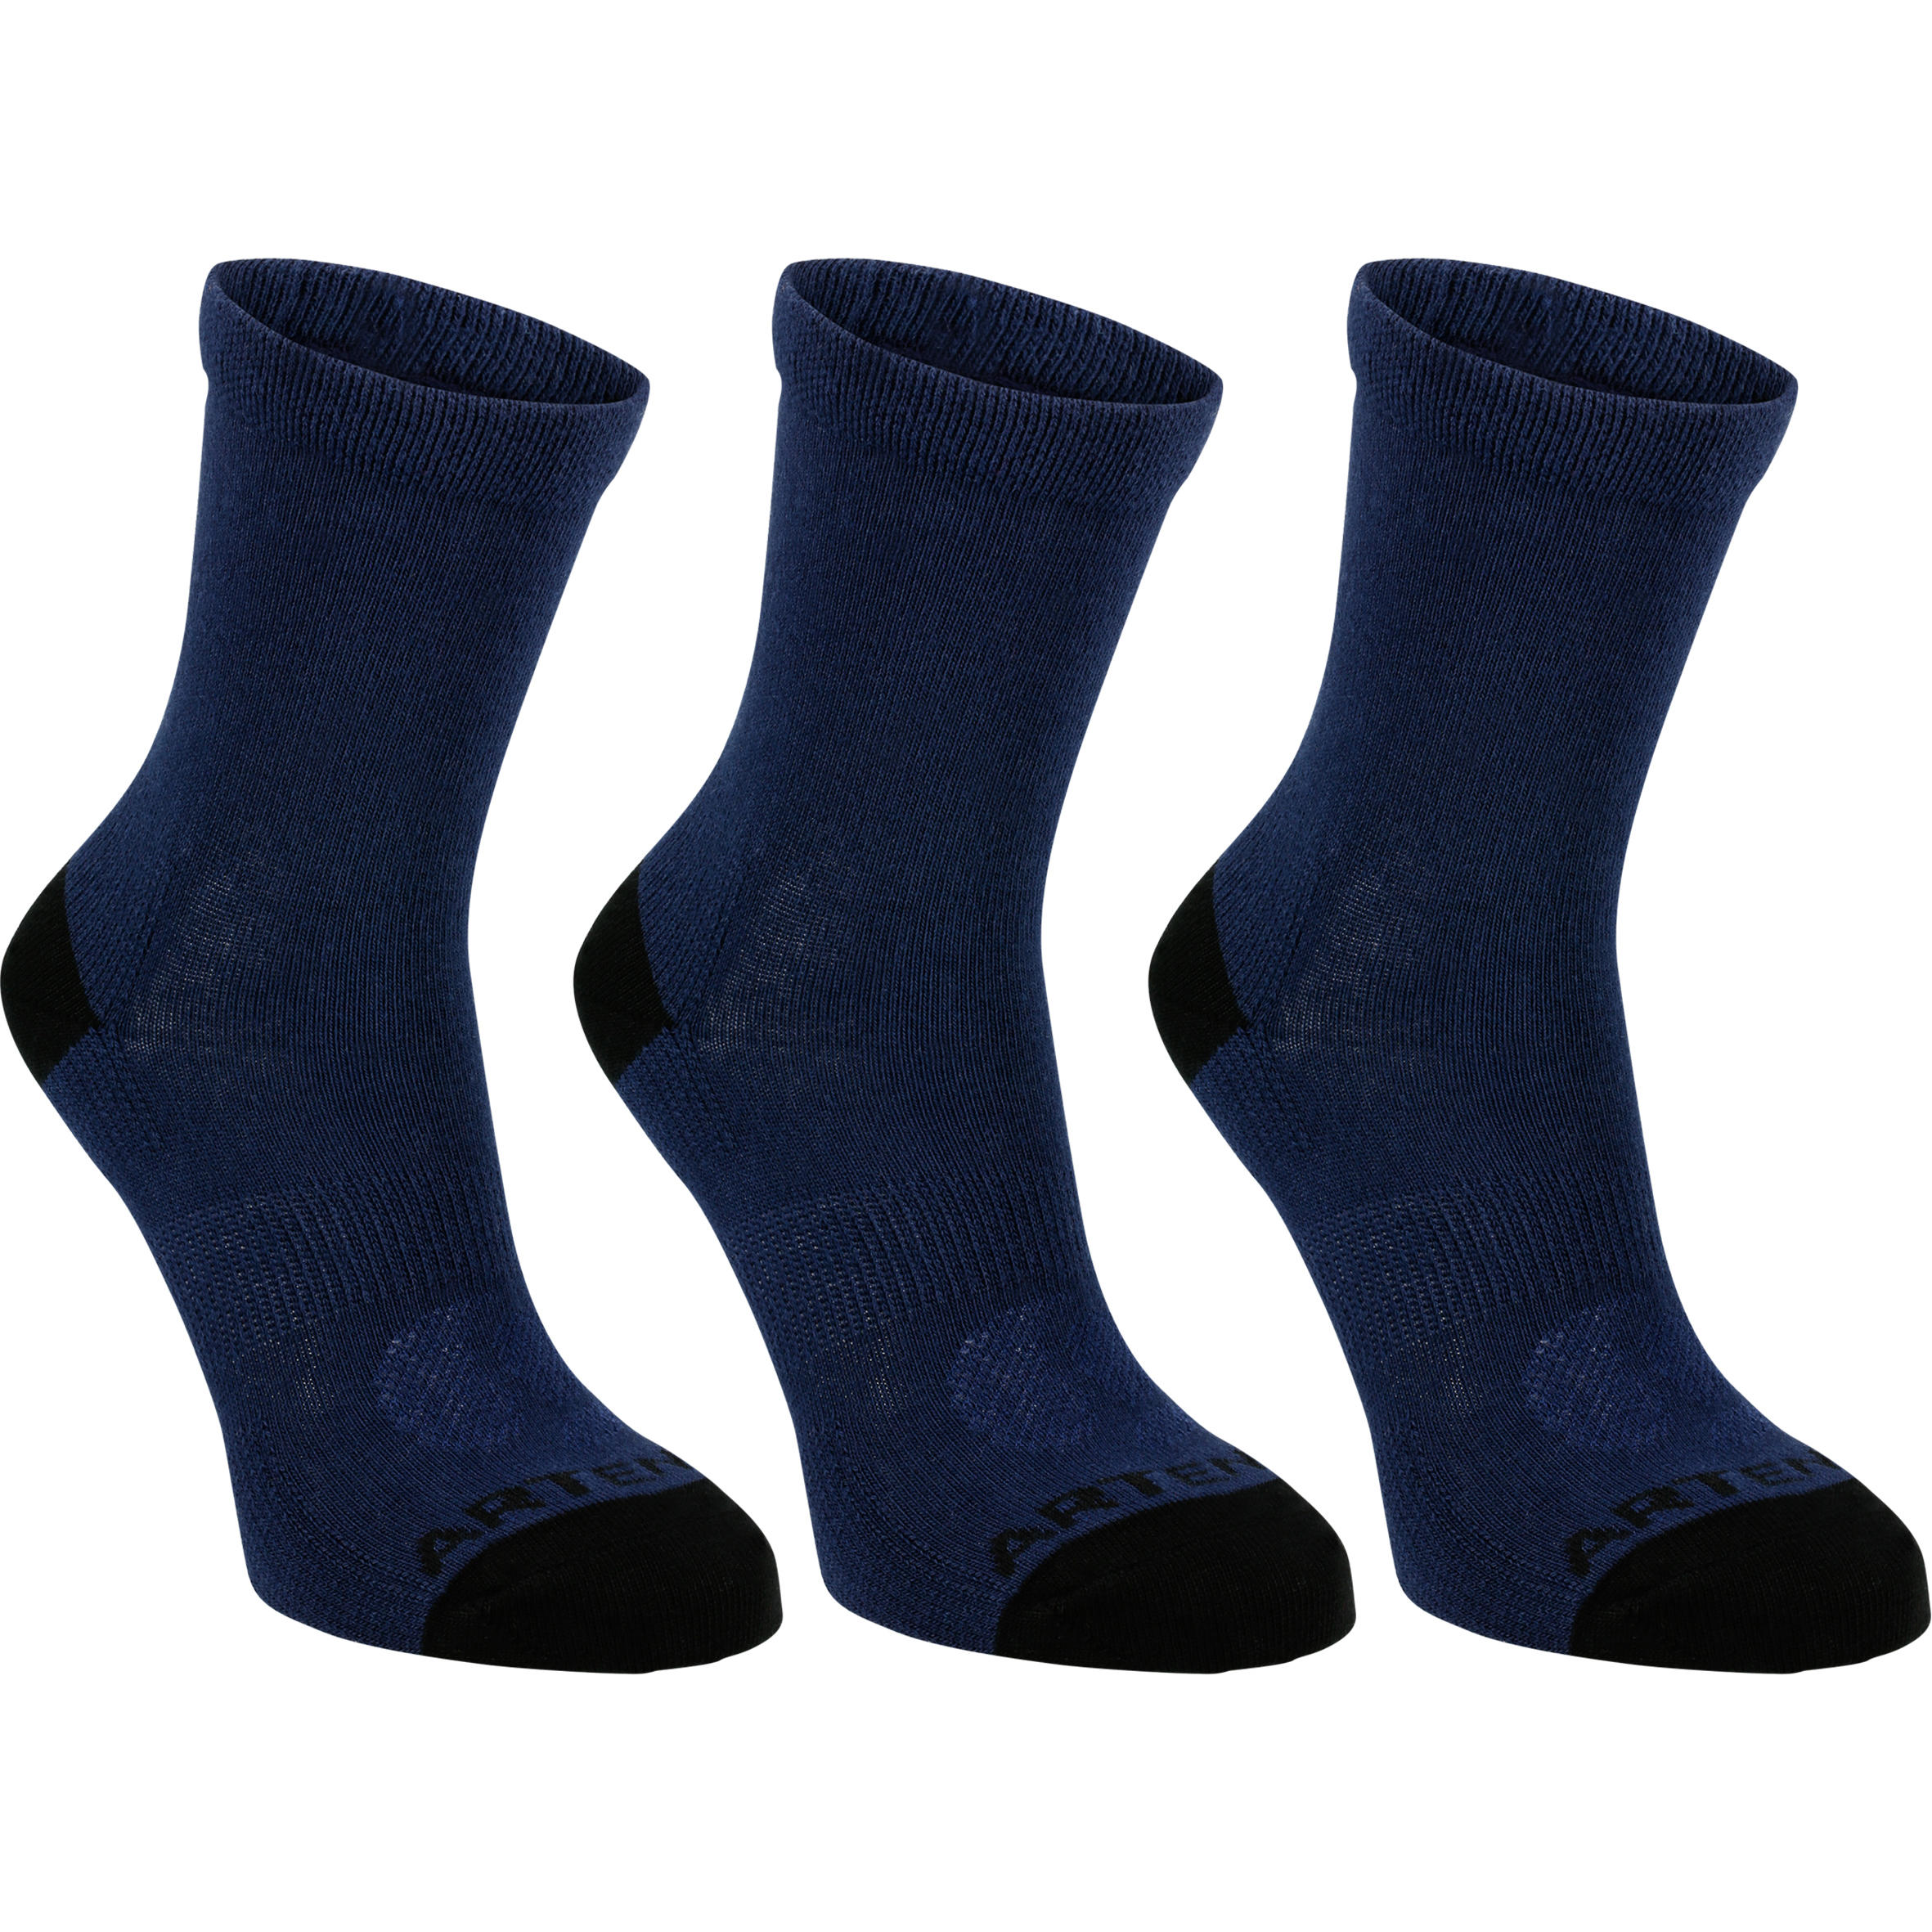 RS 160 Kids' High Sport Socks 3-Pack - Navy Blue